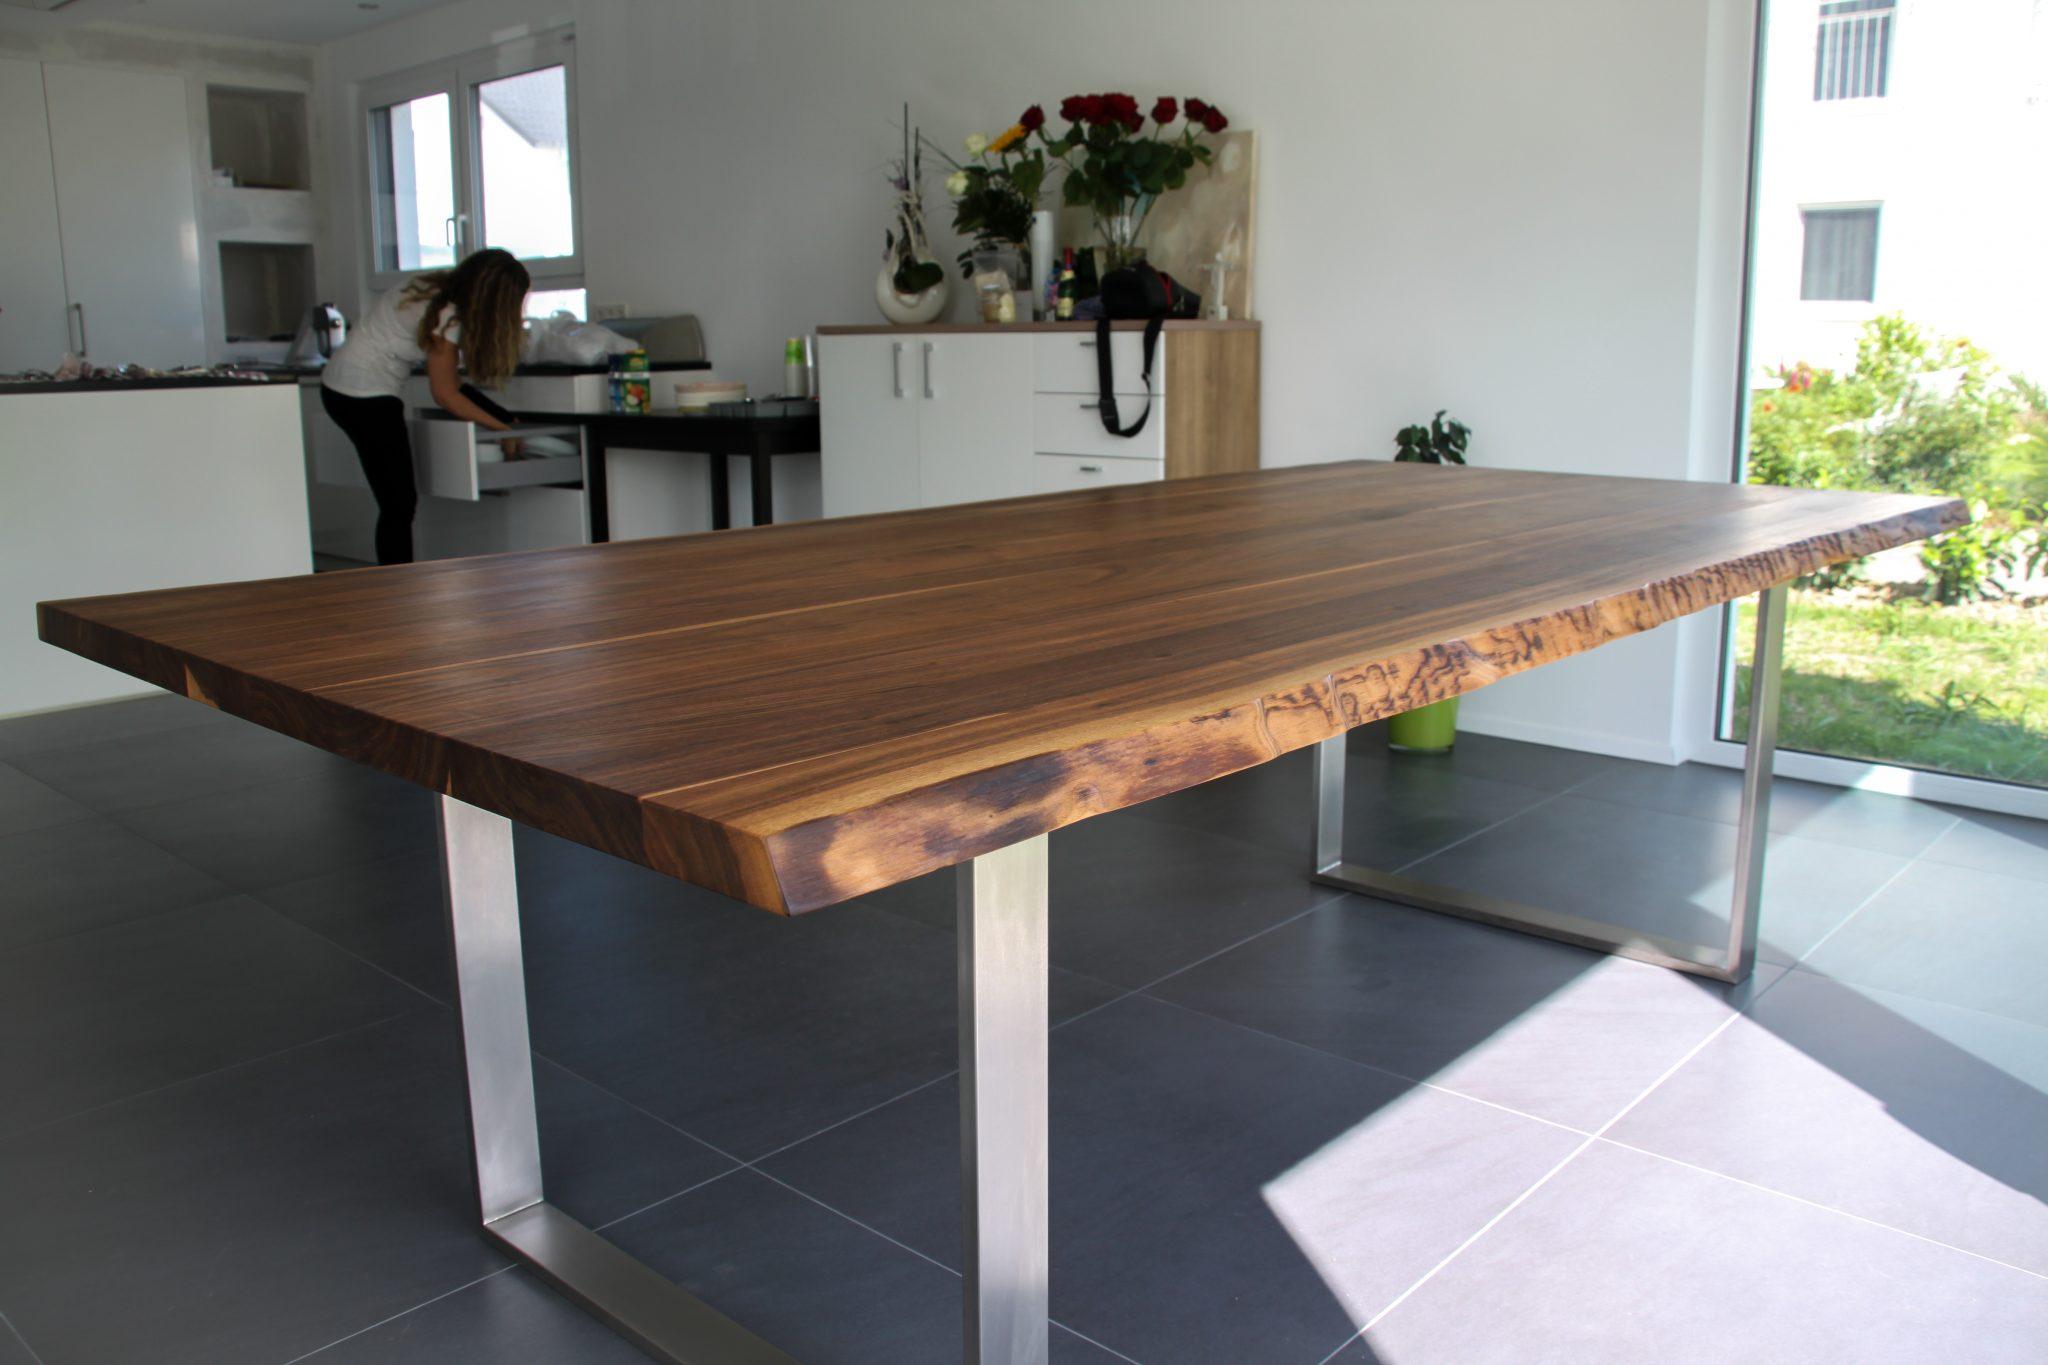 Massiver Nussbaumtisch mit Waldkante und Edelstahl-Füßen, der in einer modernen, hellen Wohnung mit offener Küche steht.